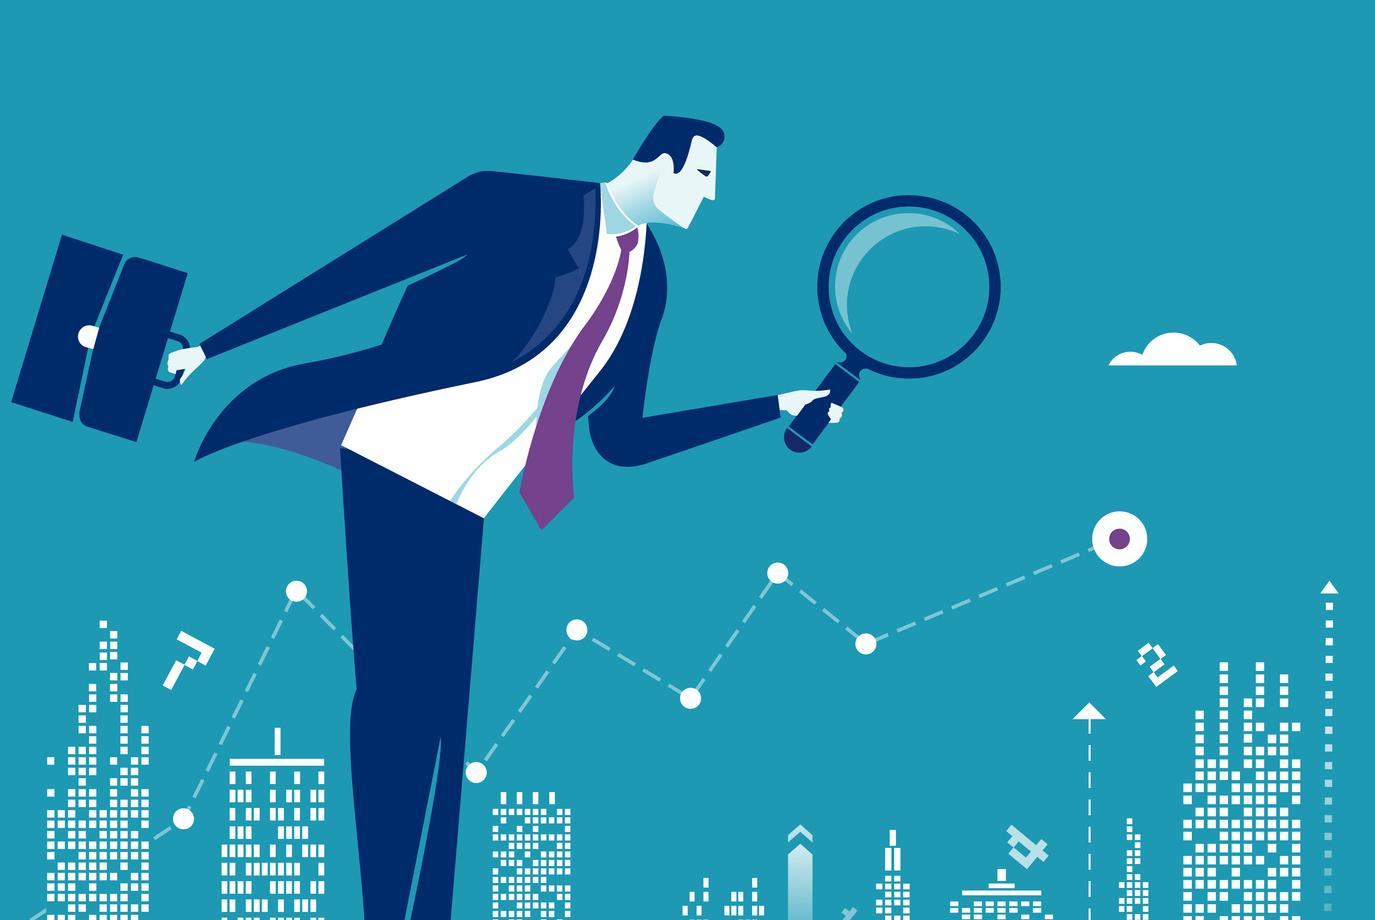 Indagine GSAM, cresce lo scetticismo delle compagnie assicurative nei confronti delle opportunità di investimento